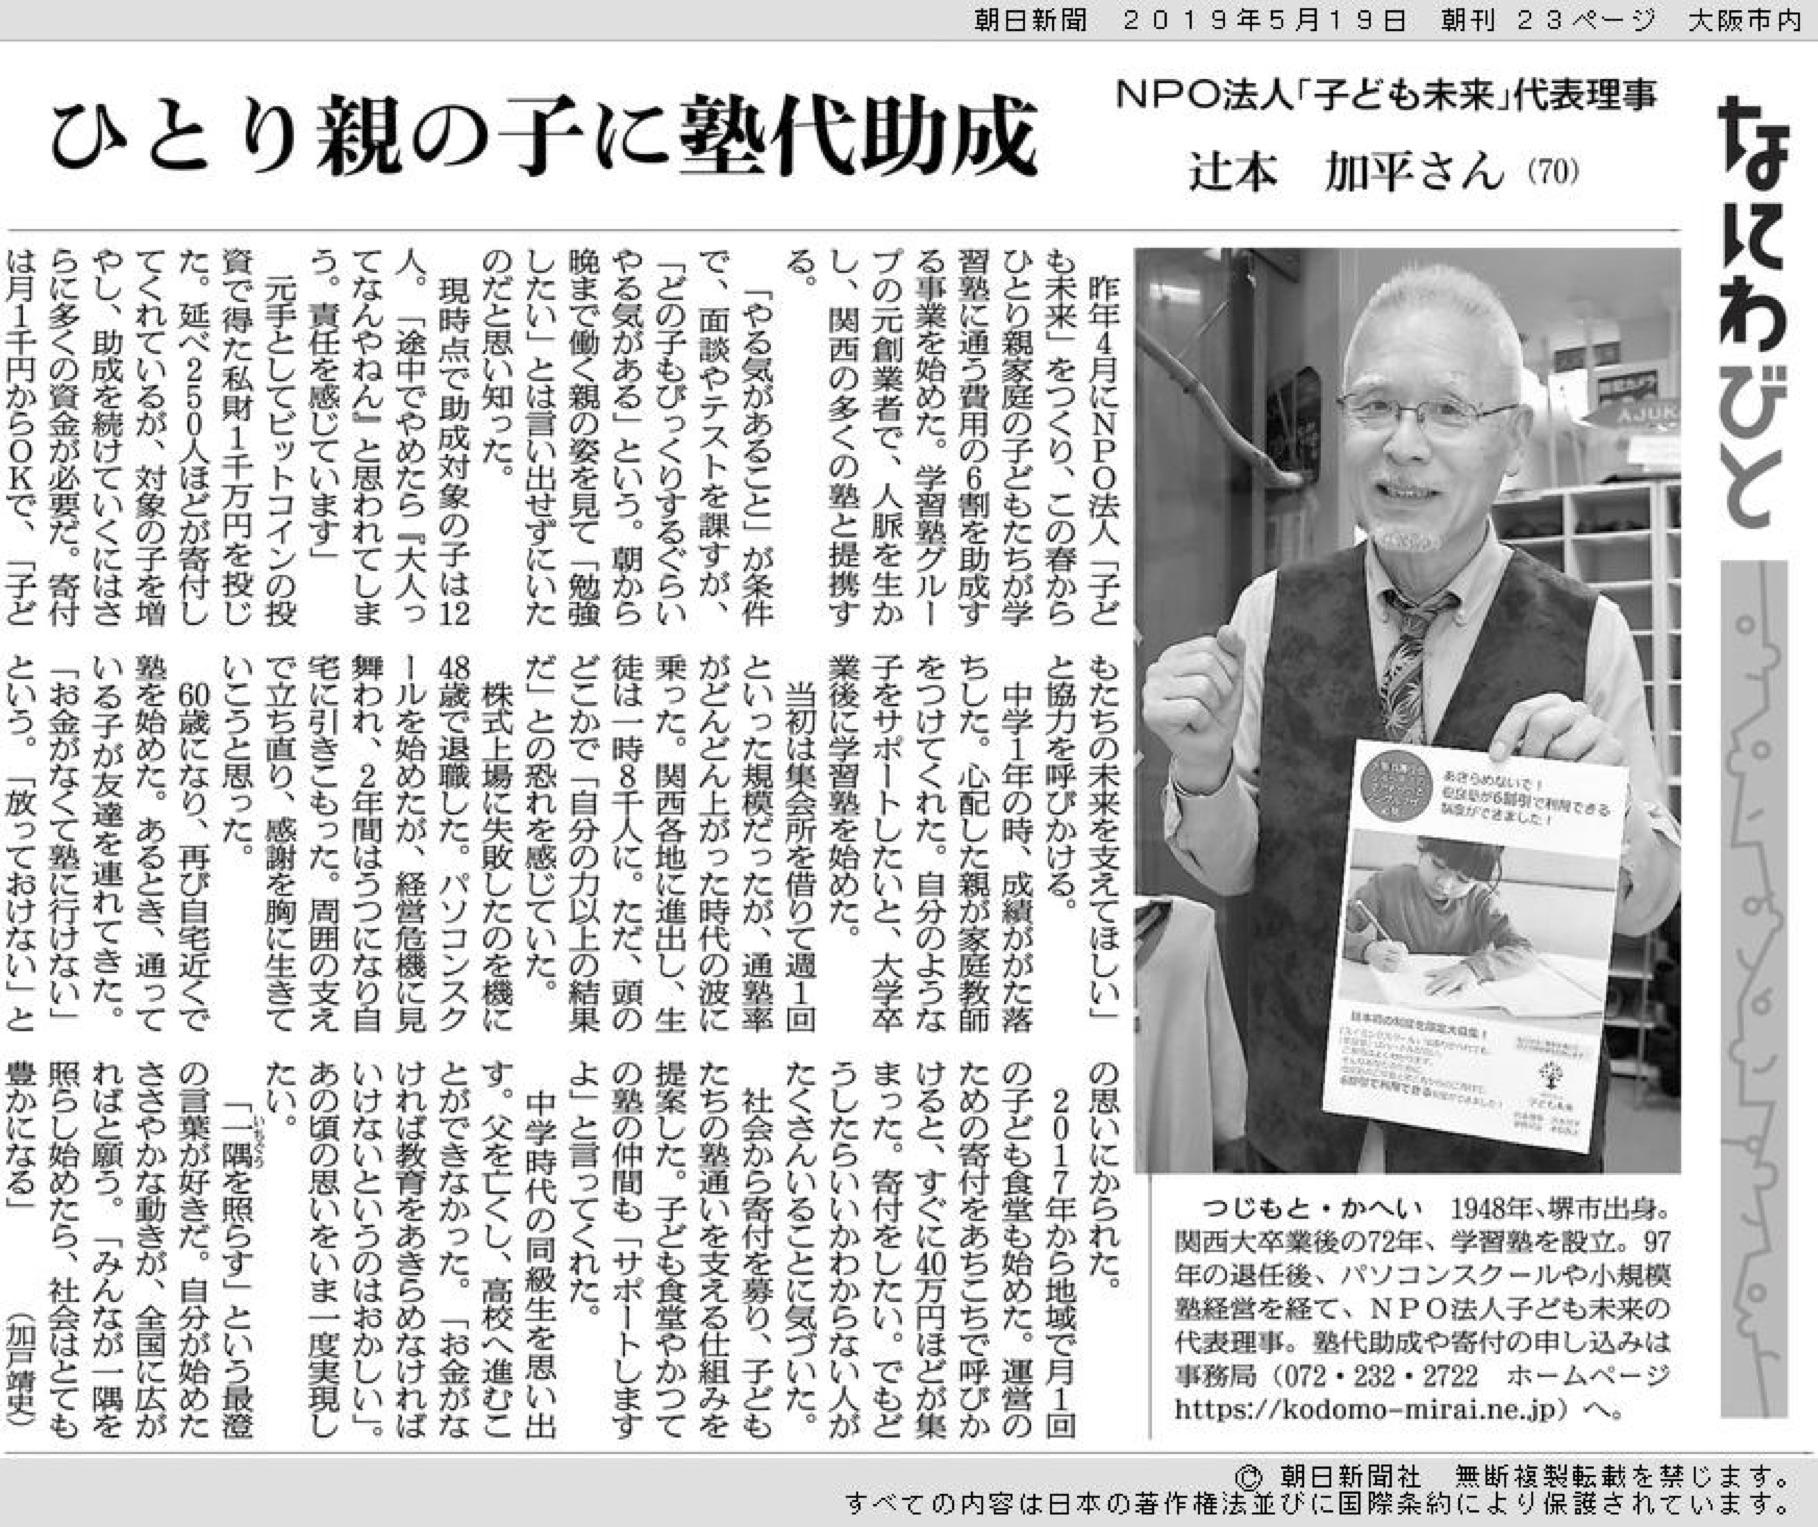 朝日新聞朝刊代表辻本掲載